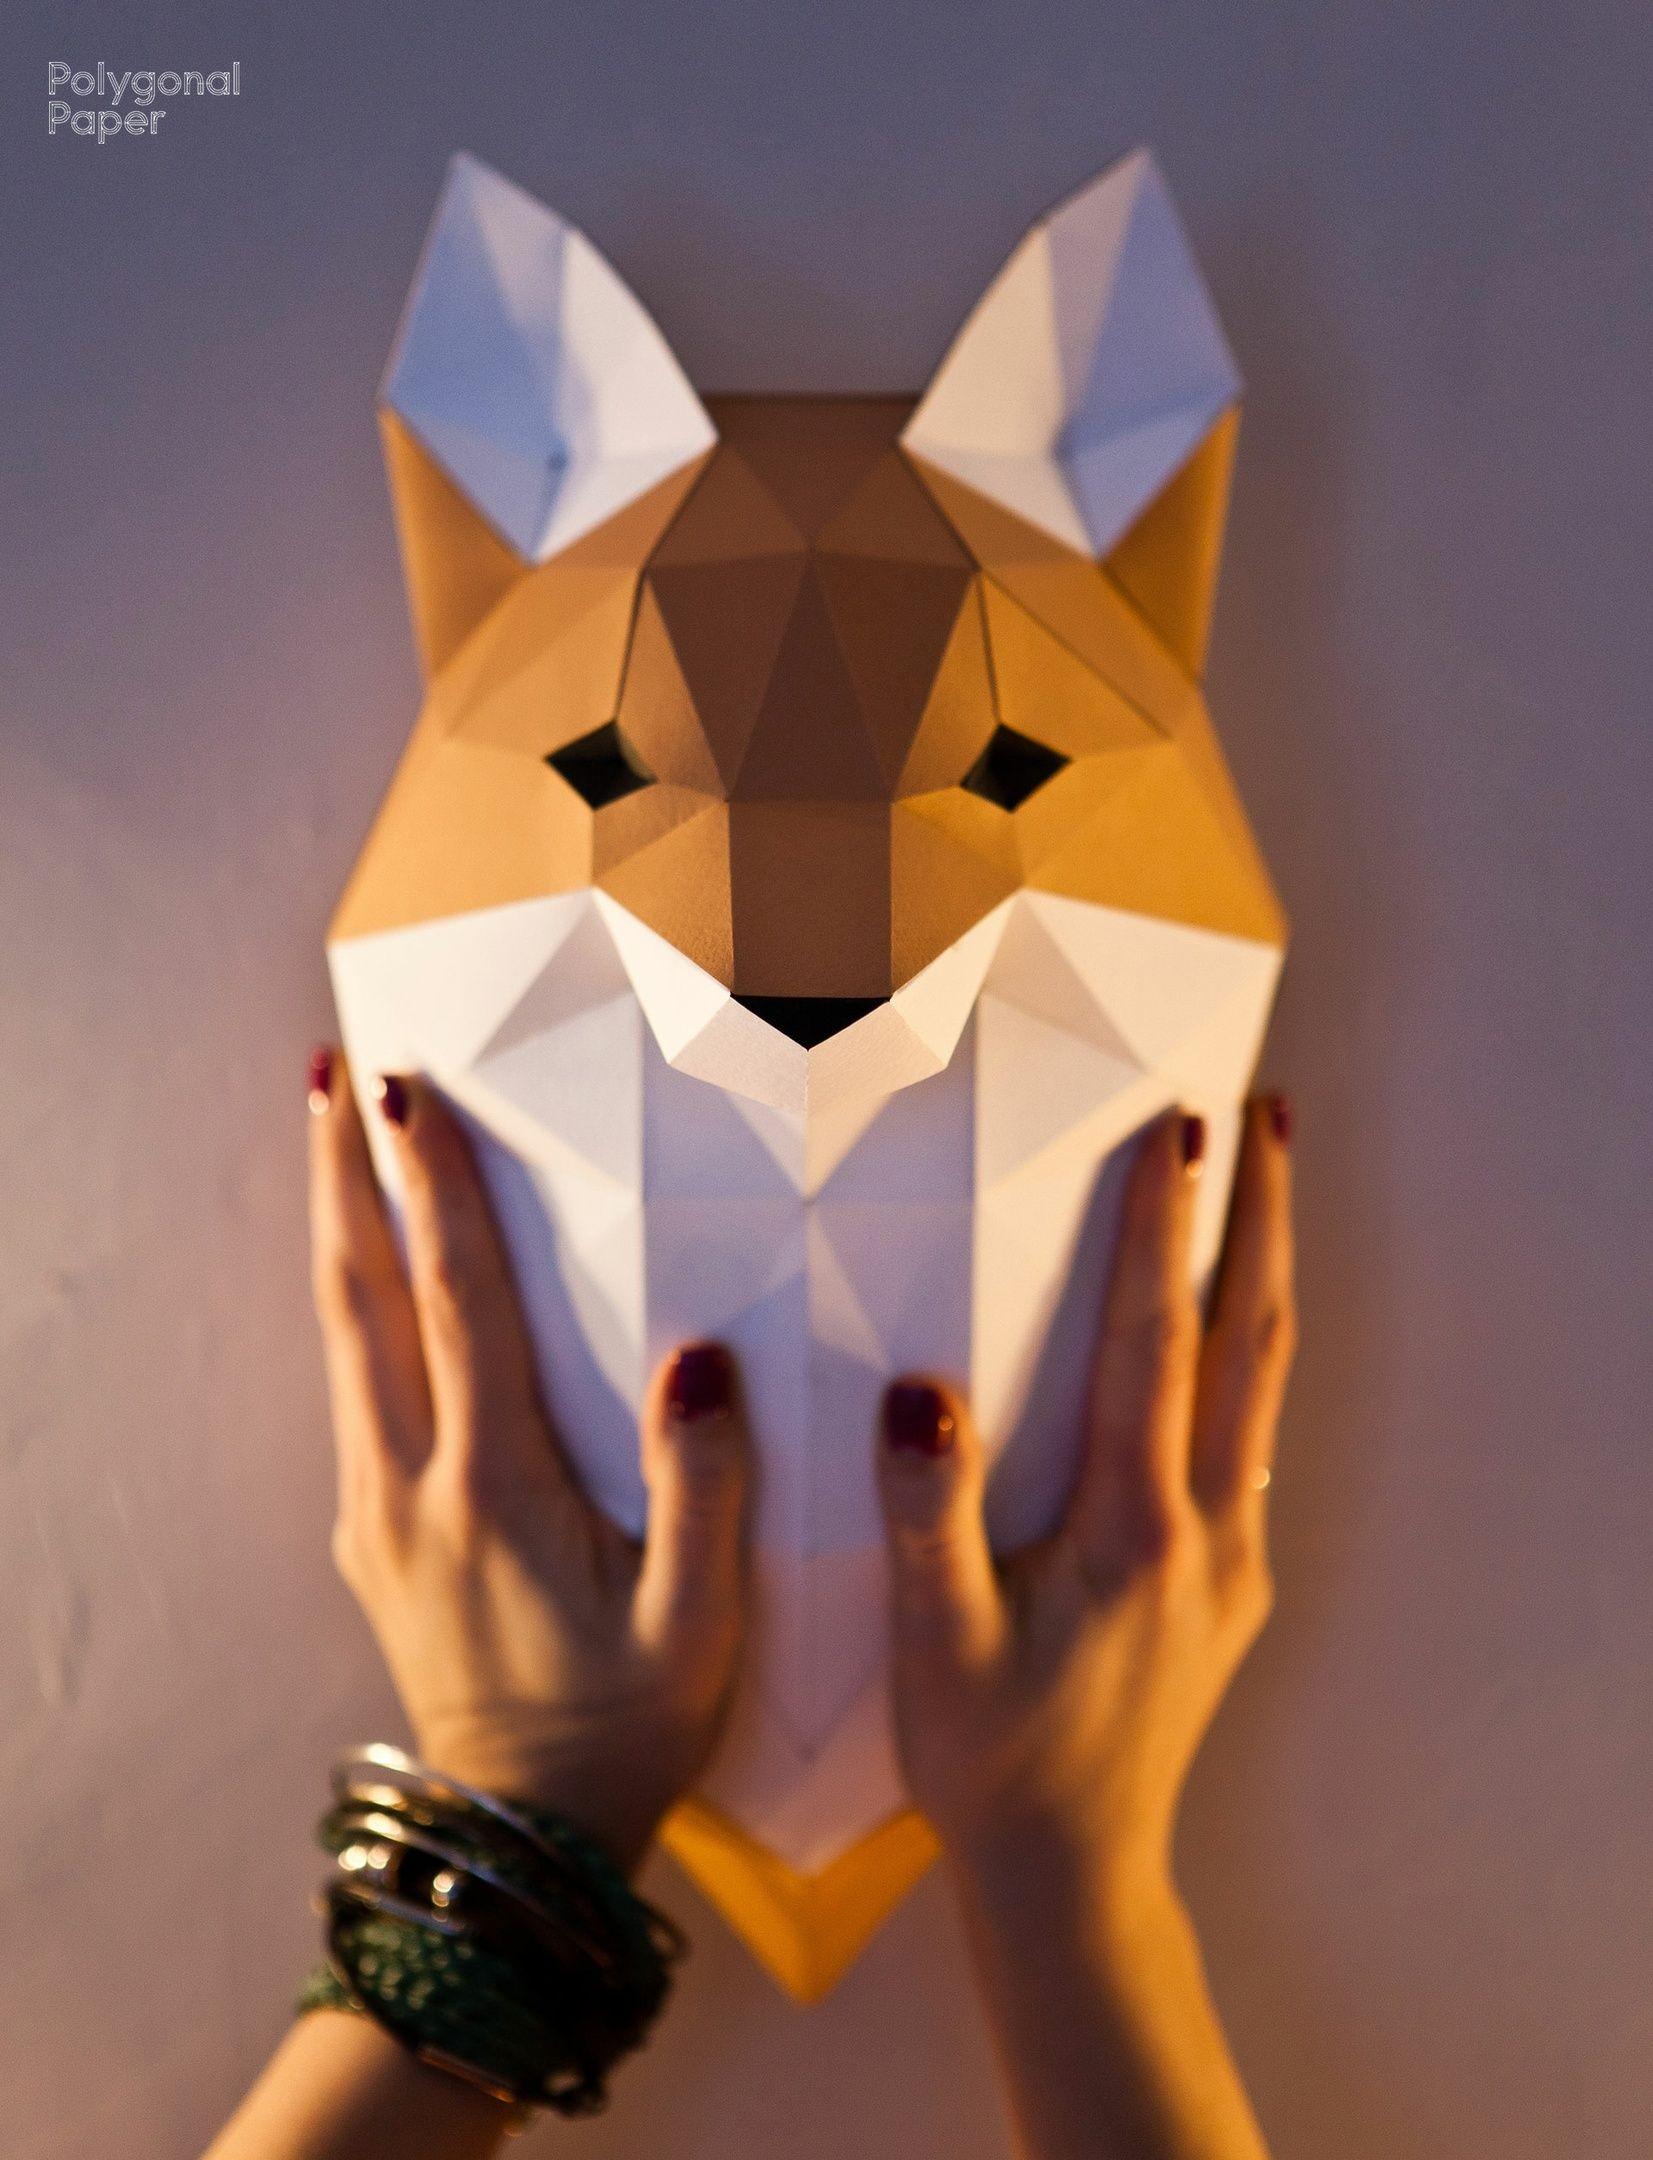 Papercraft Fox 2d Paper Fox Head Template Eng Rus Fra Polygonal Paper